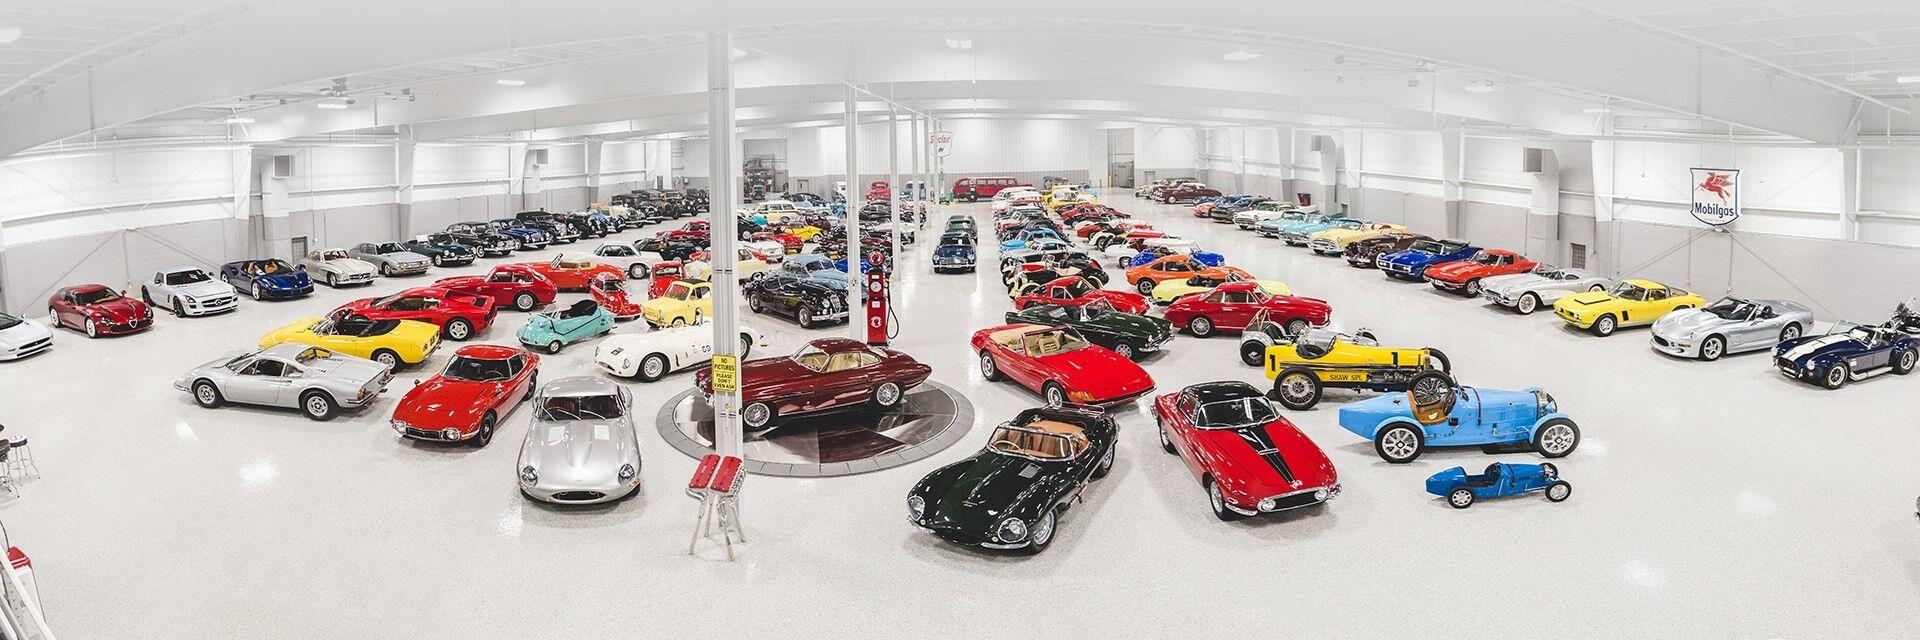 240 конфискованных машин продадут на аукционе